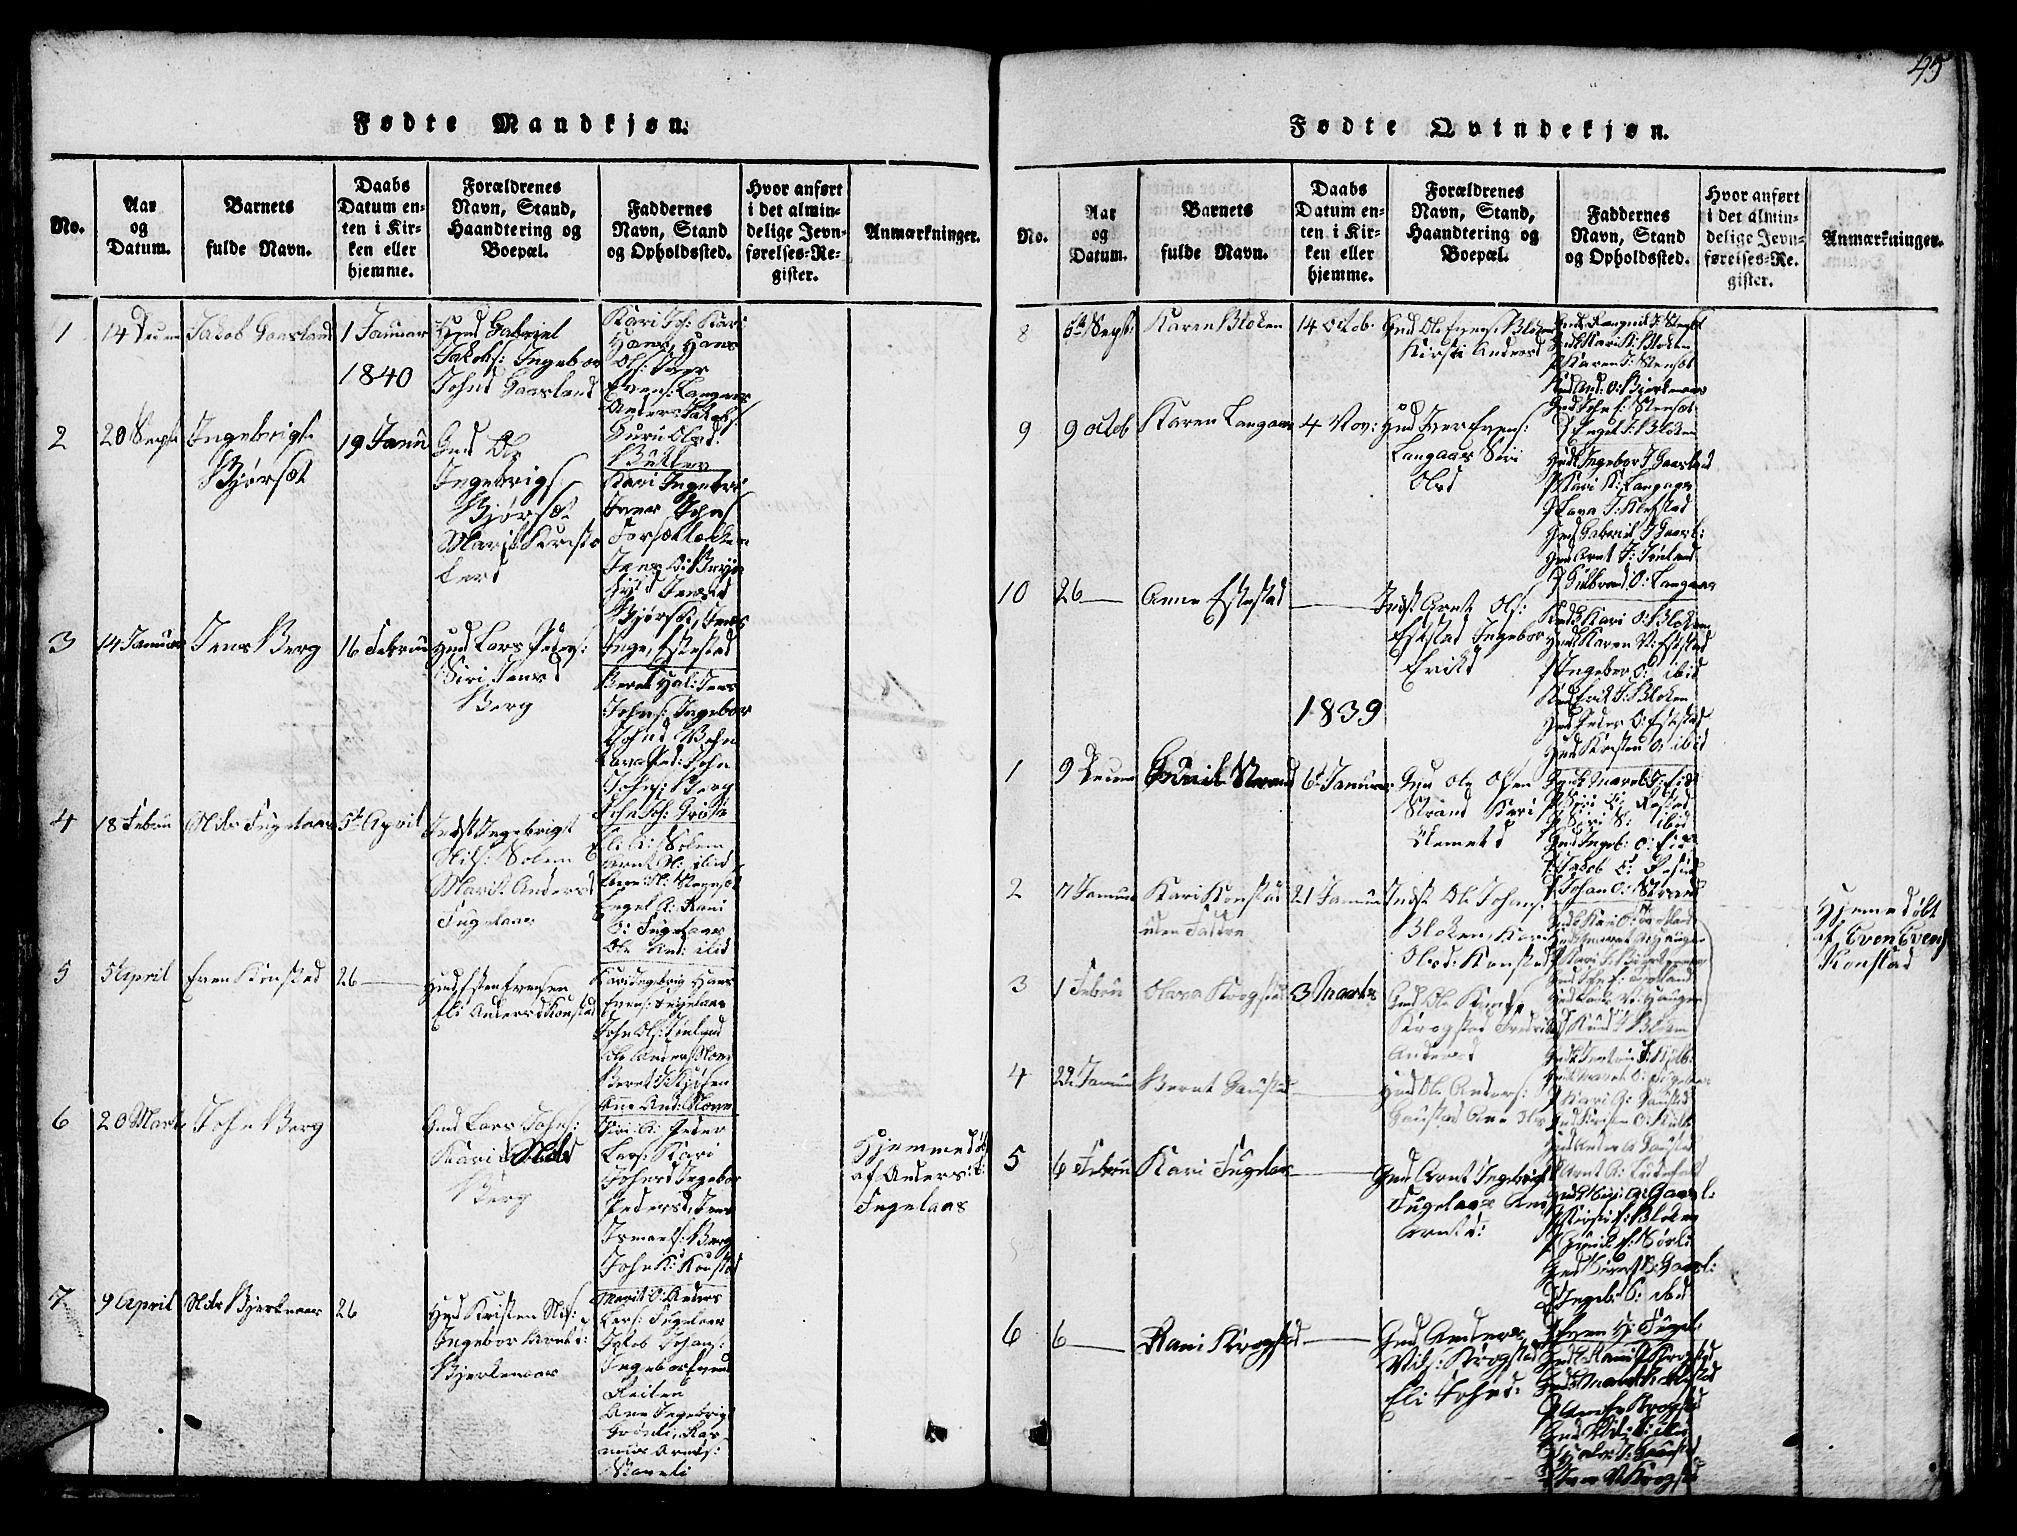 SAT, Ministerialprotokoller, klokkerbøker og fødselsregistre - Sør-Trøndelag, 694/L1130: Klokkerbok nr. 694C02, 1816-1857, s. 45